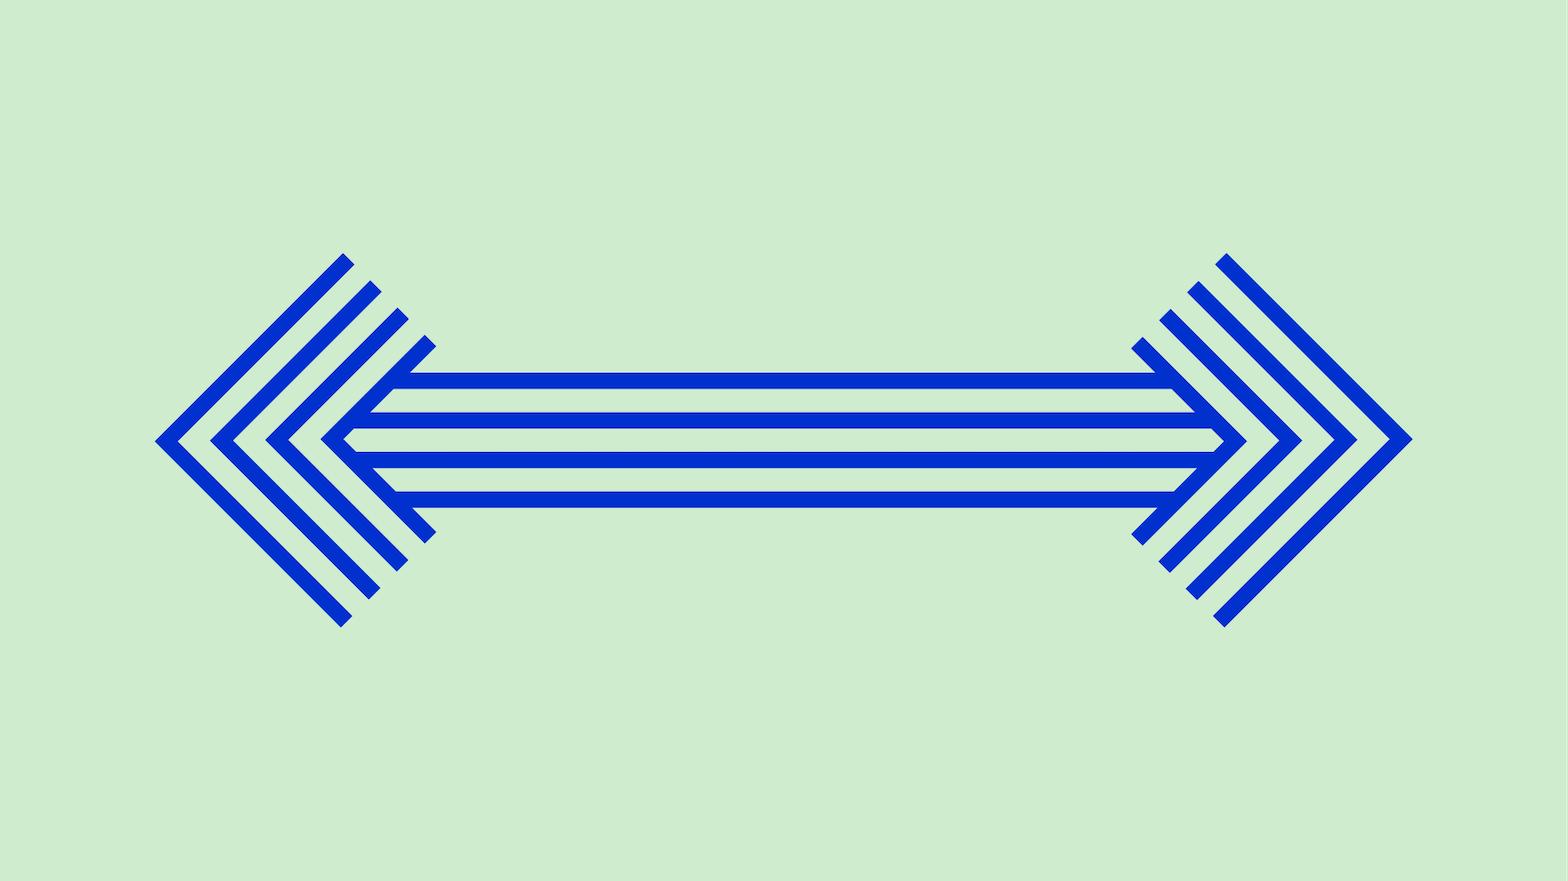 Double sided arrow